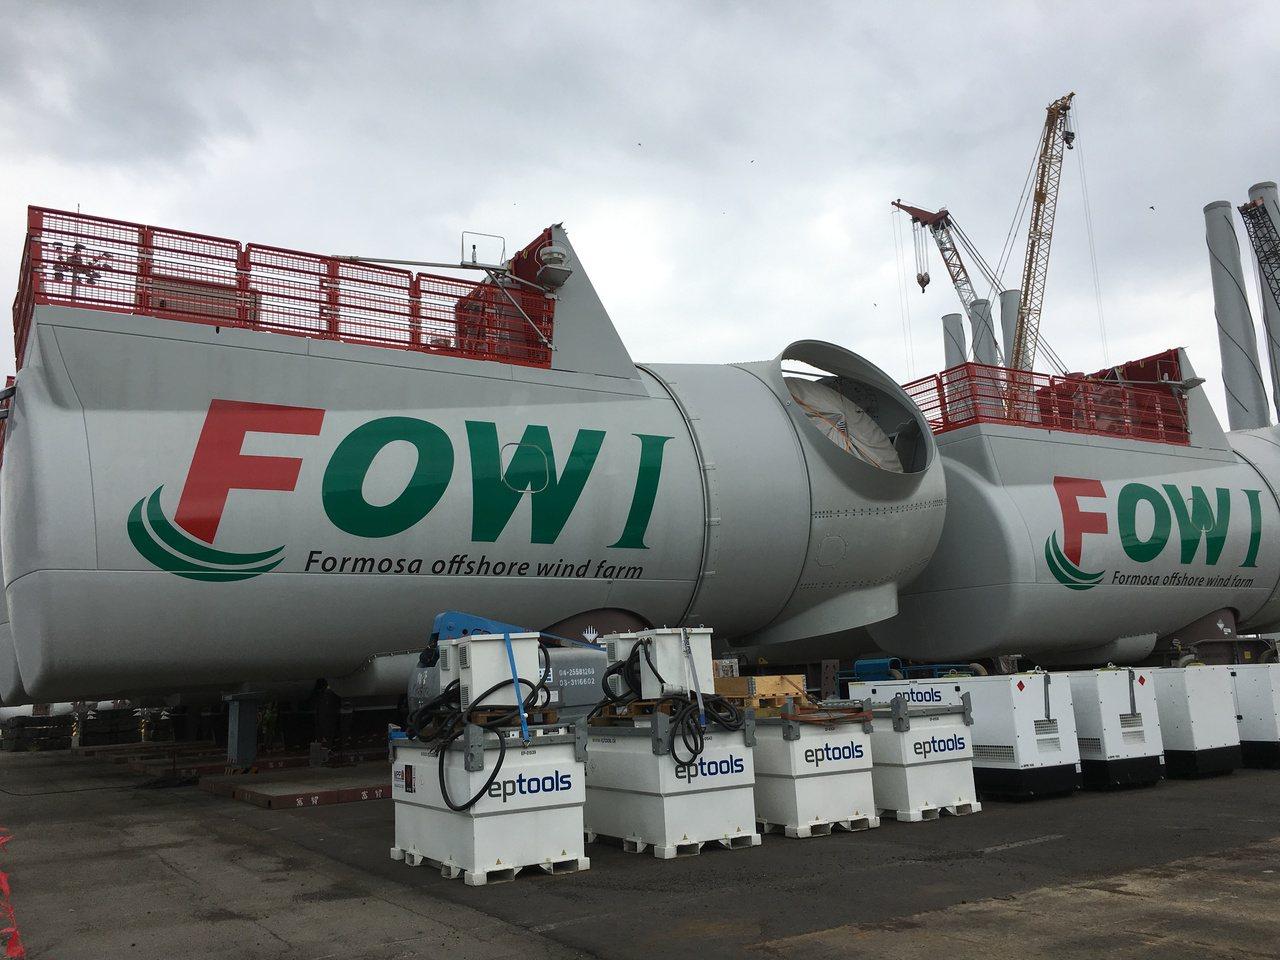 西門子歌美颯風機機艙,現由德國進口。將來將在台中港組裝。機艙組裝大致分三段,前段...